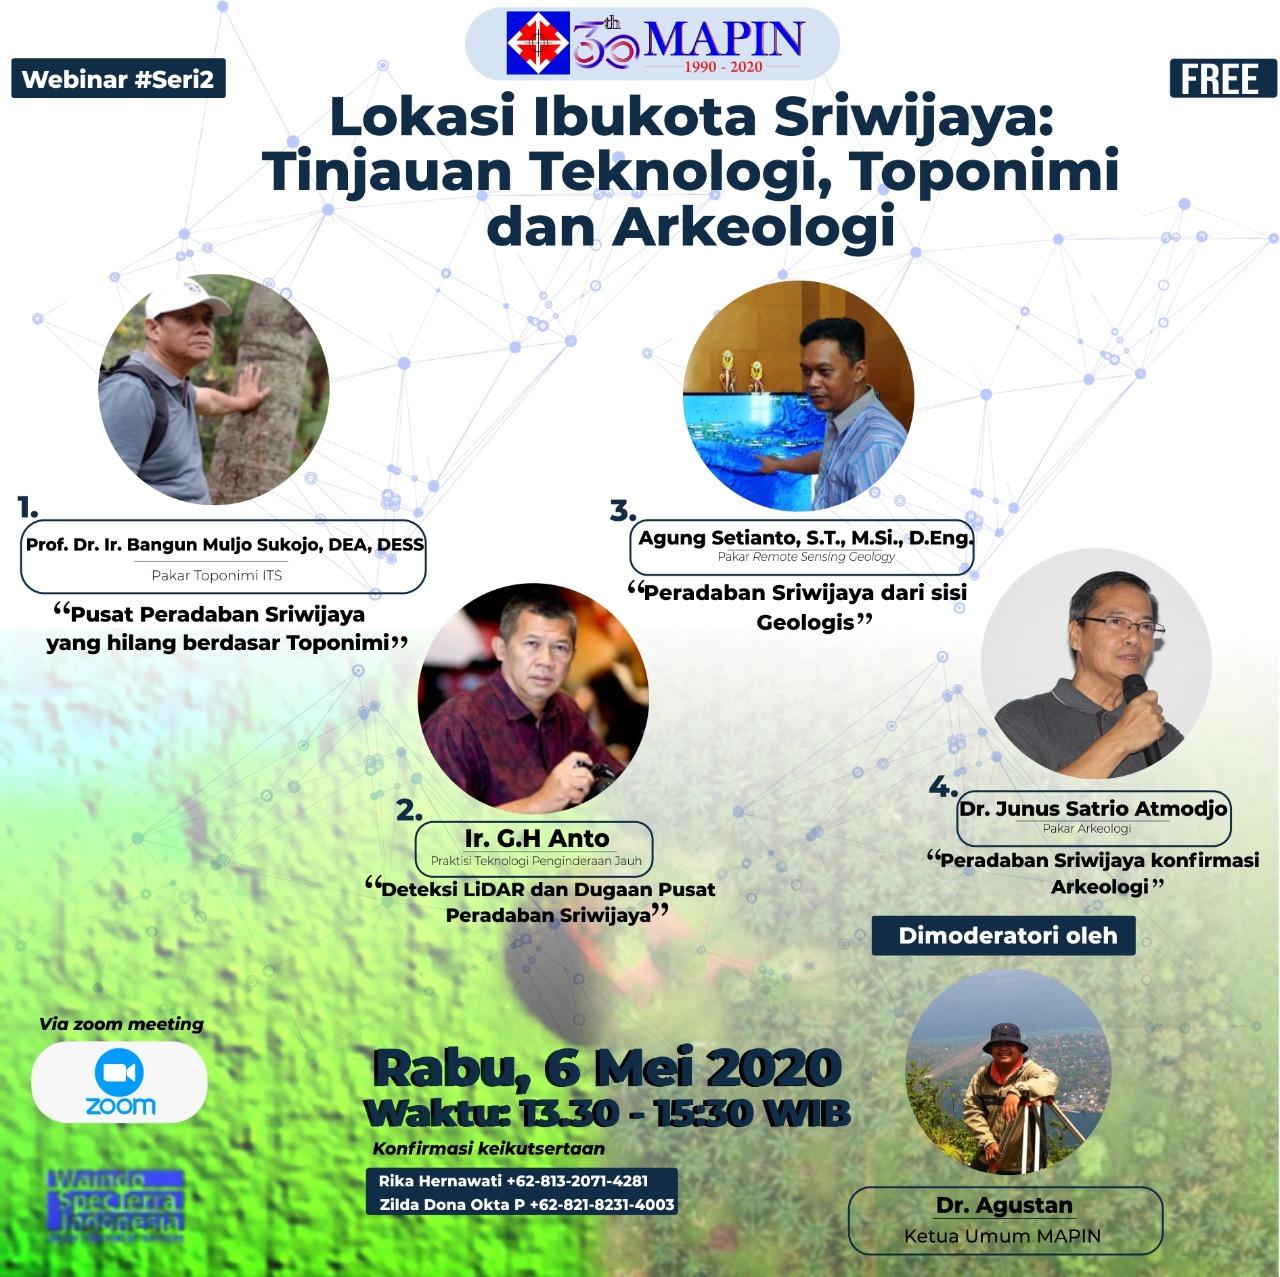 MAPIN Webinar #2 Lokasi Ibukota Sriwijaya: Tinjauan Teknologi, Toponimi, dan Arkeologi